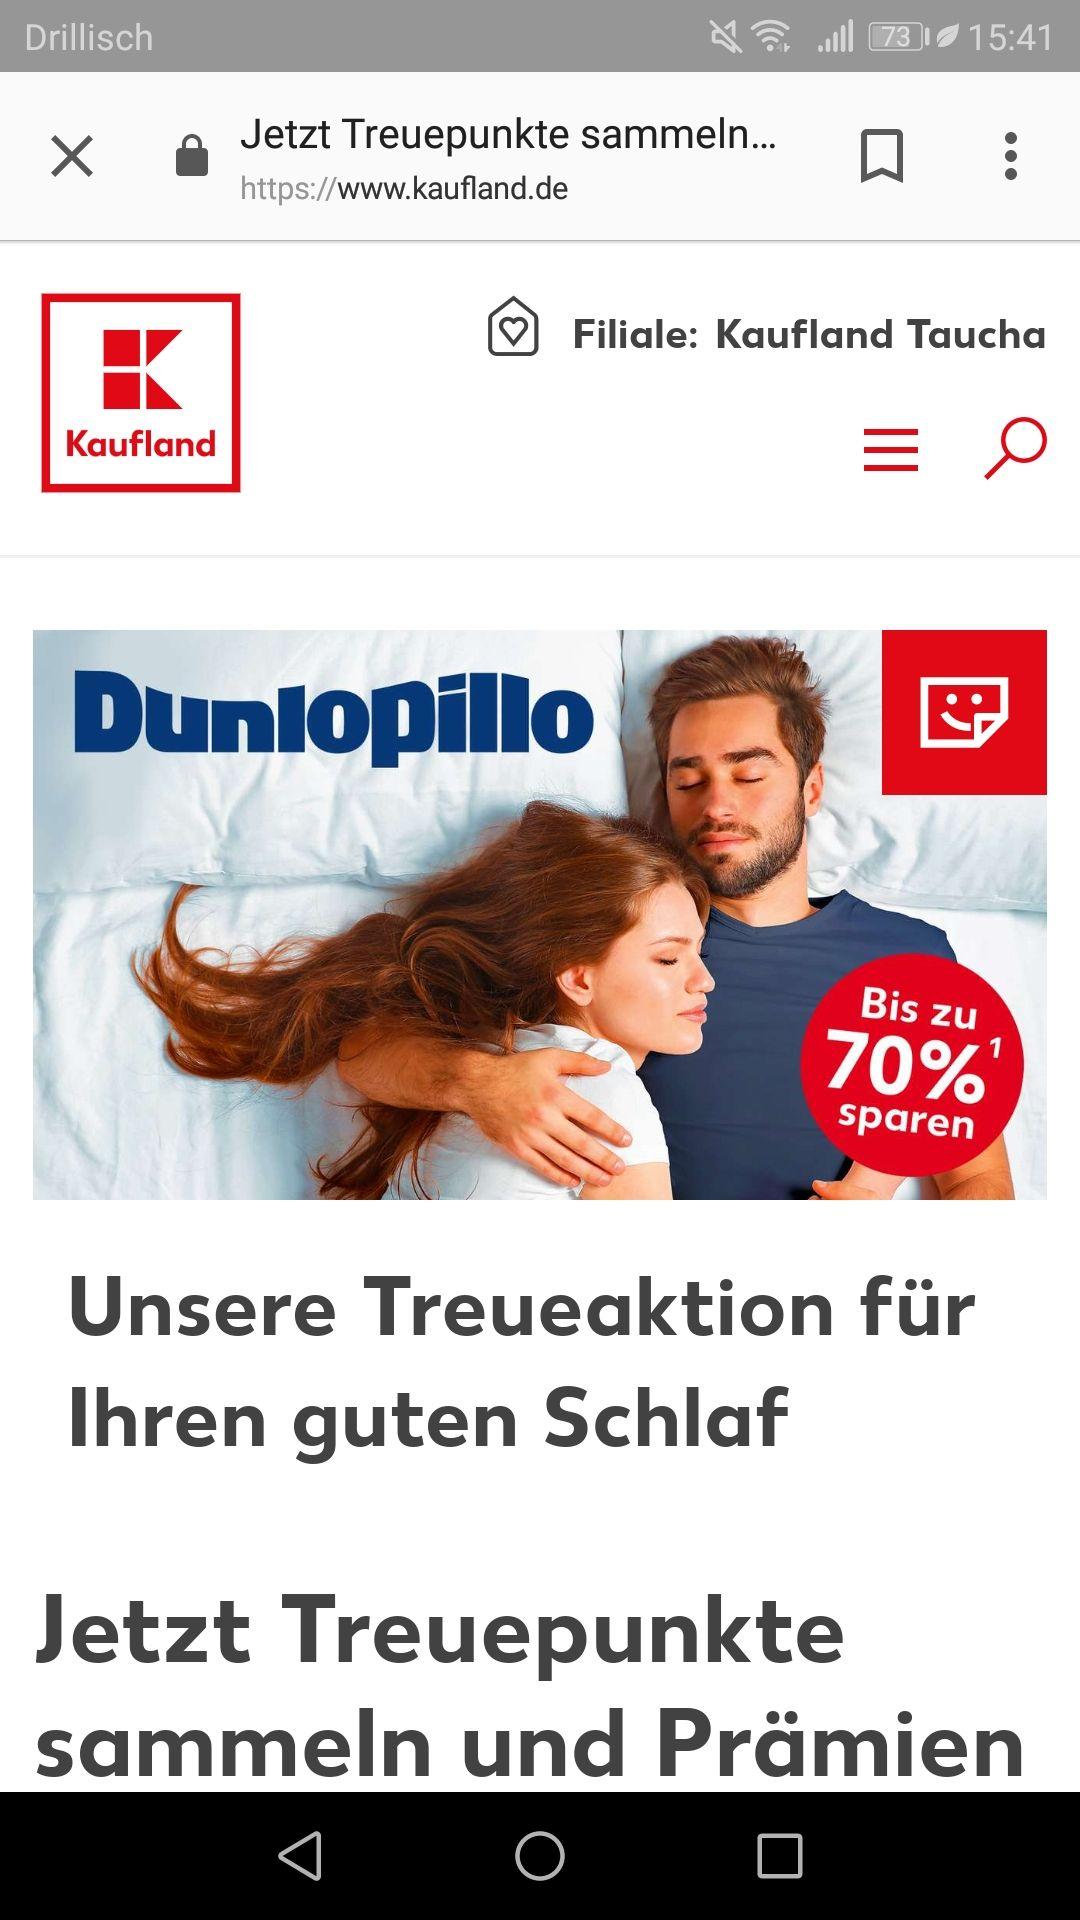 [Kaufland] Treueaktion Dunlopillo - bis zu 70% sparen